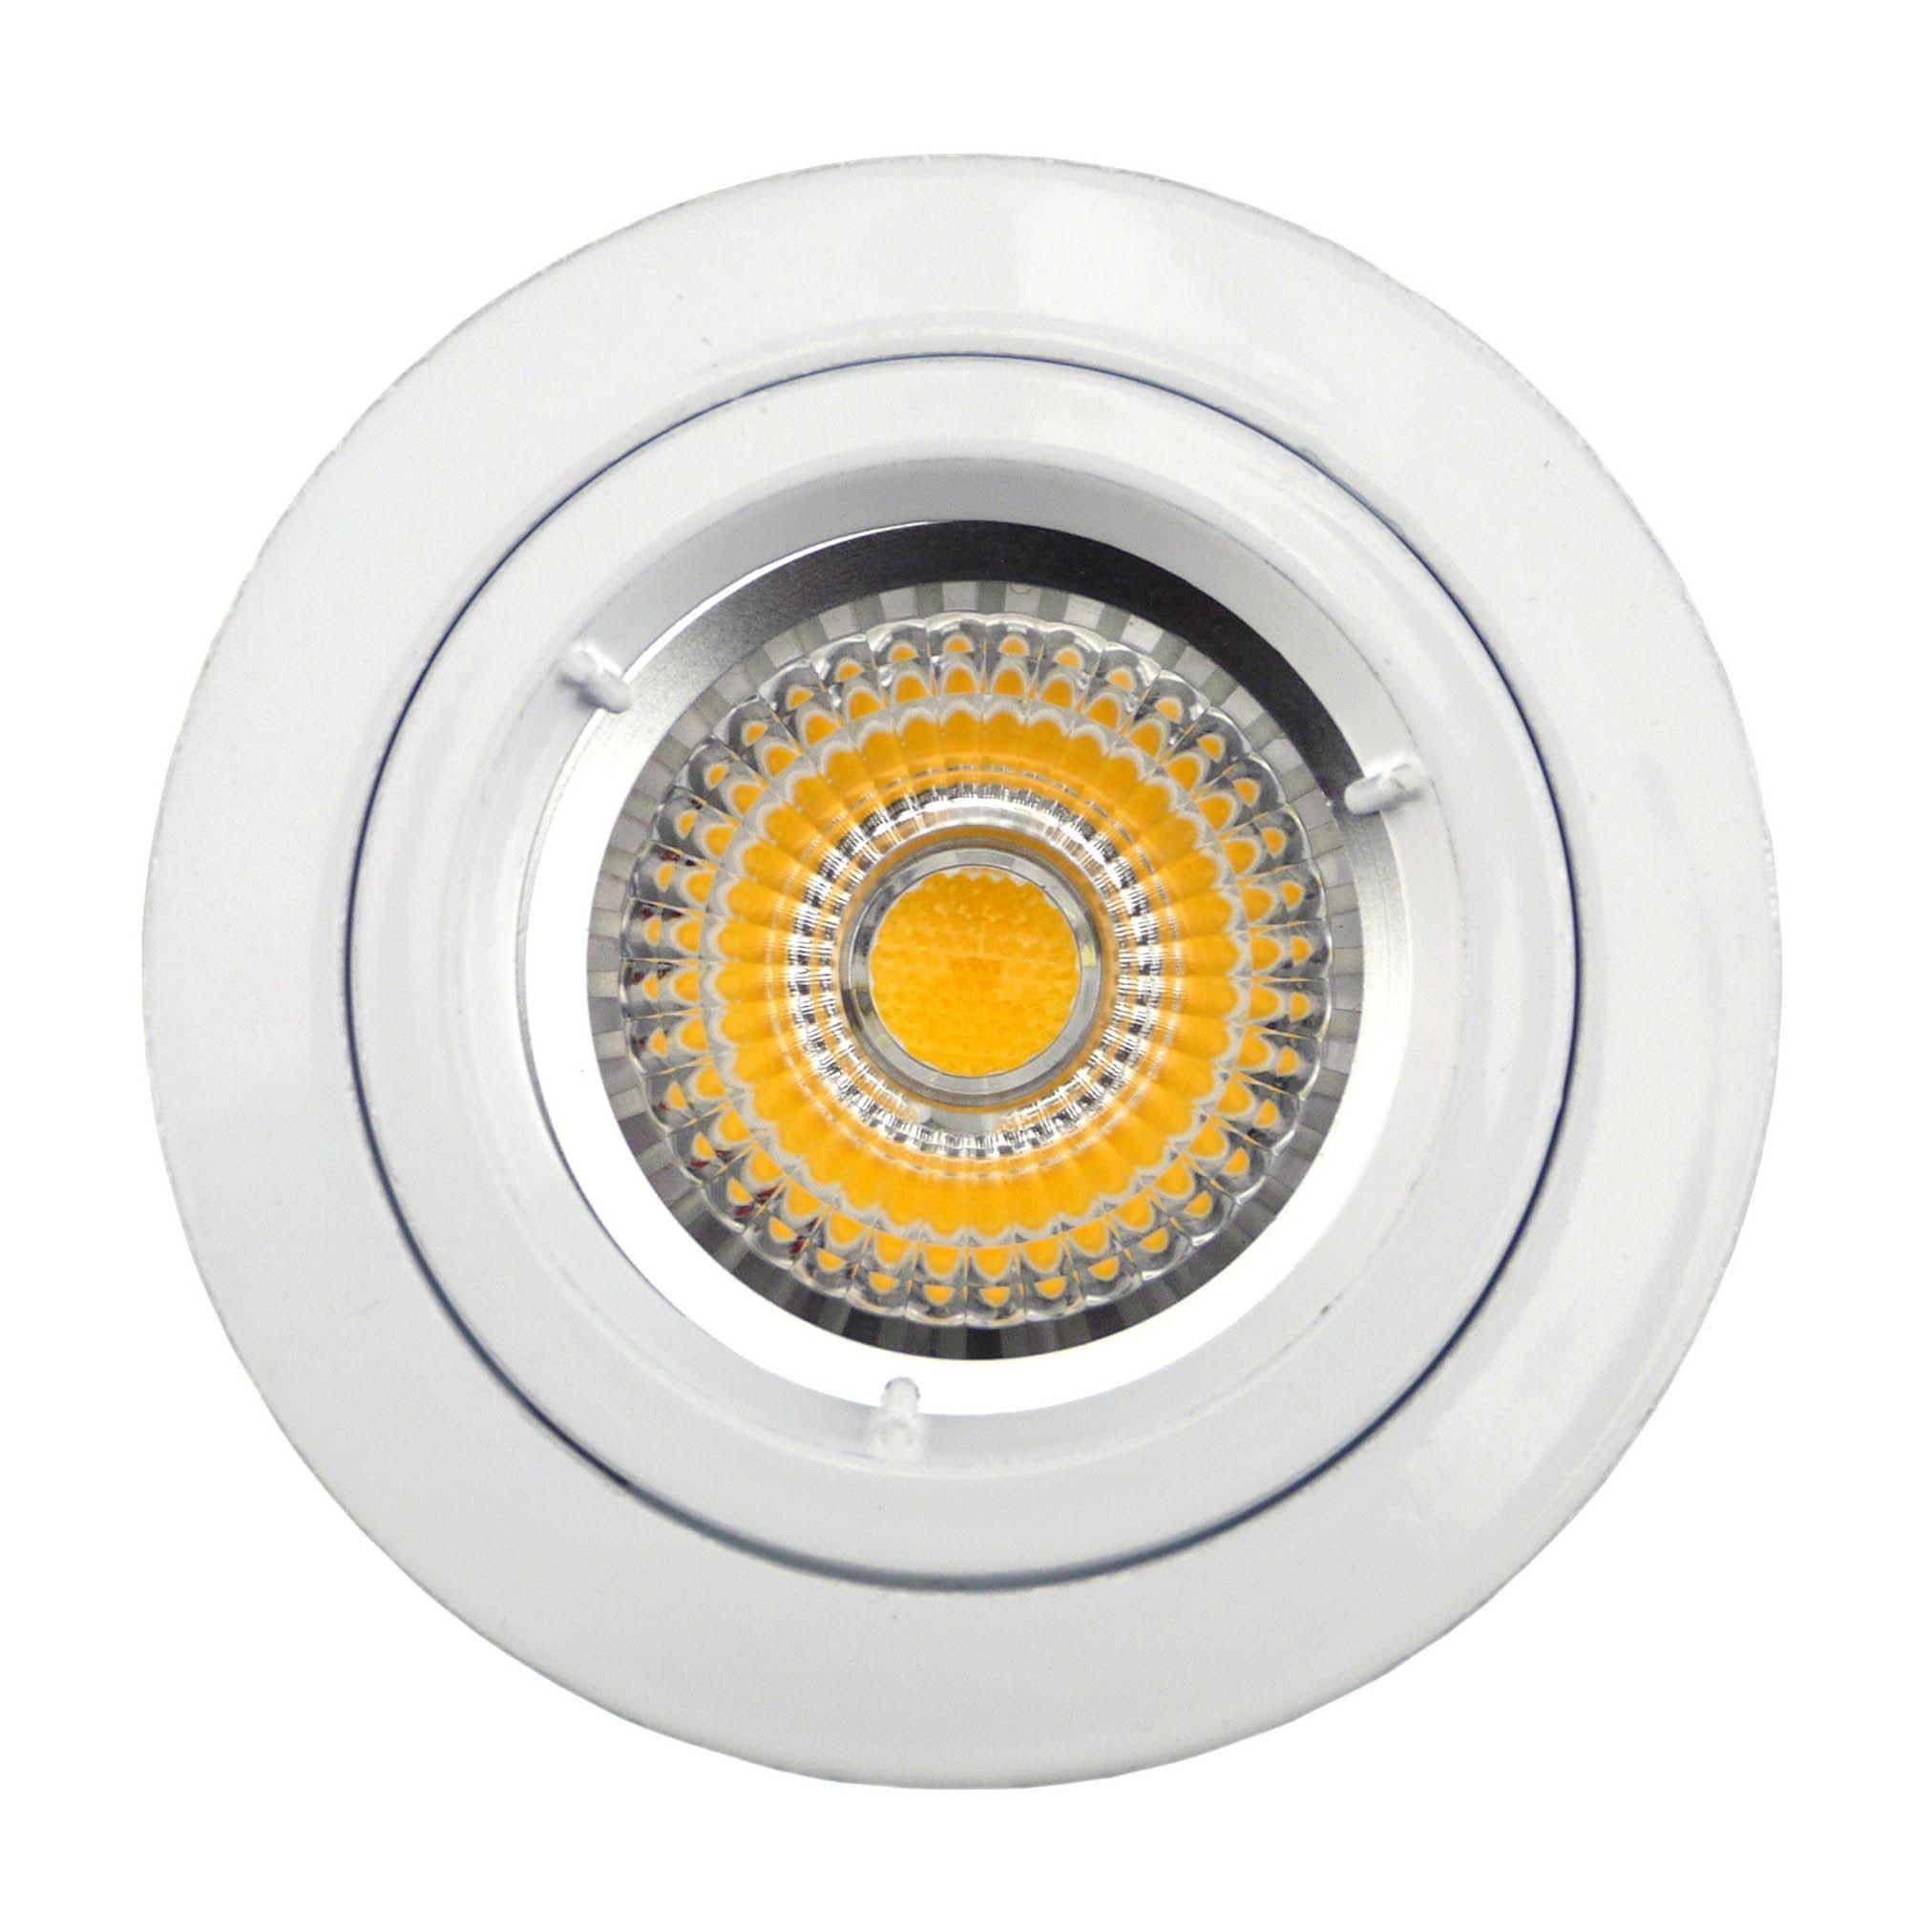 Die Cast Aluminum GU10 MR16 Fixed Recessed White Satin Nickel Round LED Light (LT1100)